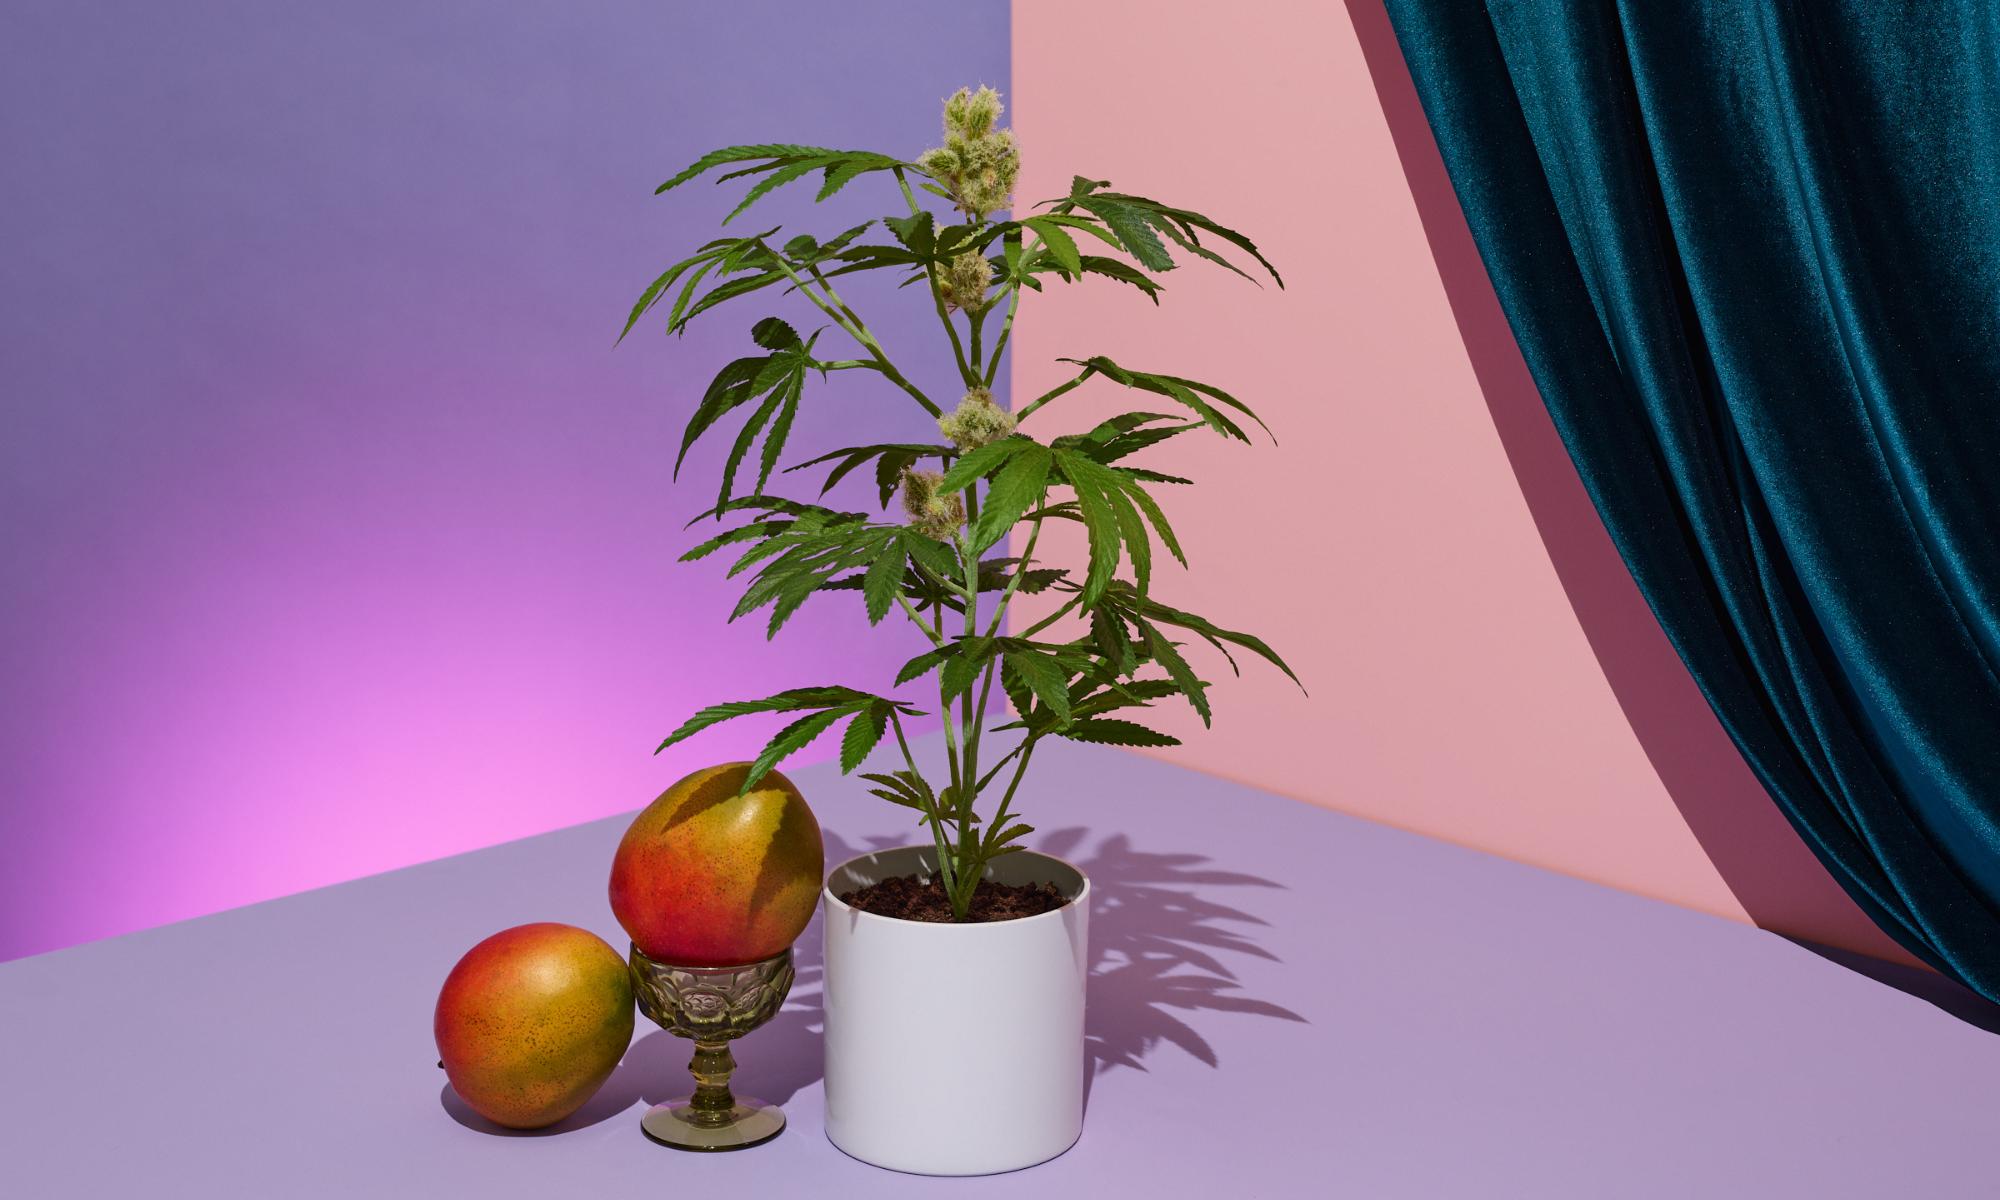 the pot plant